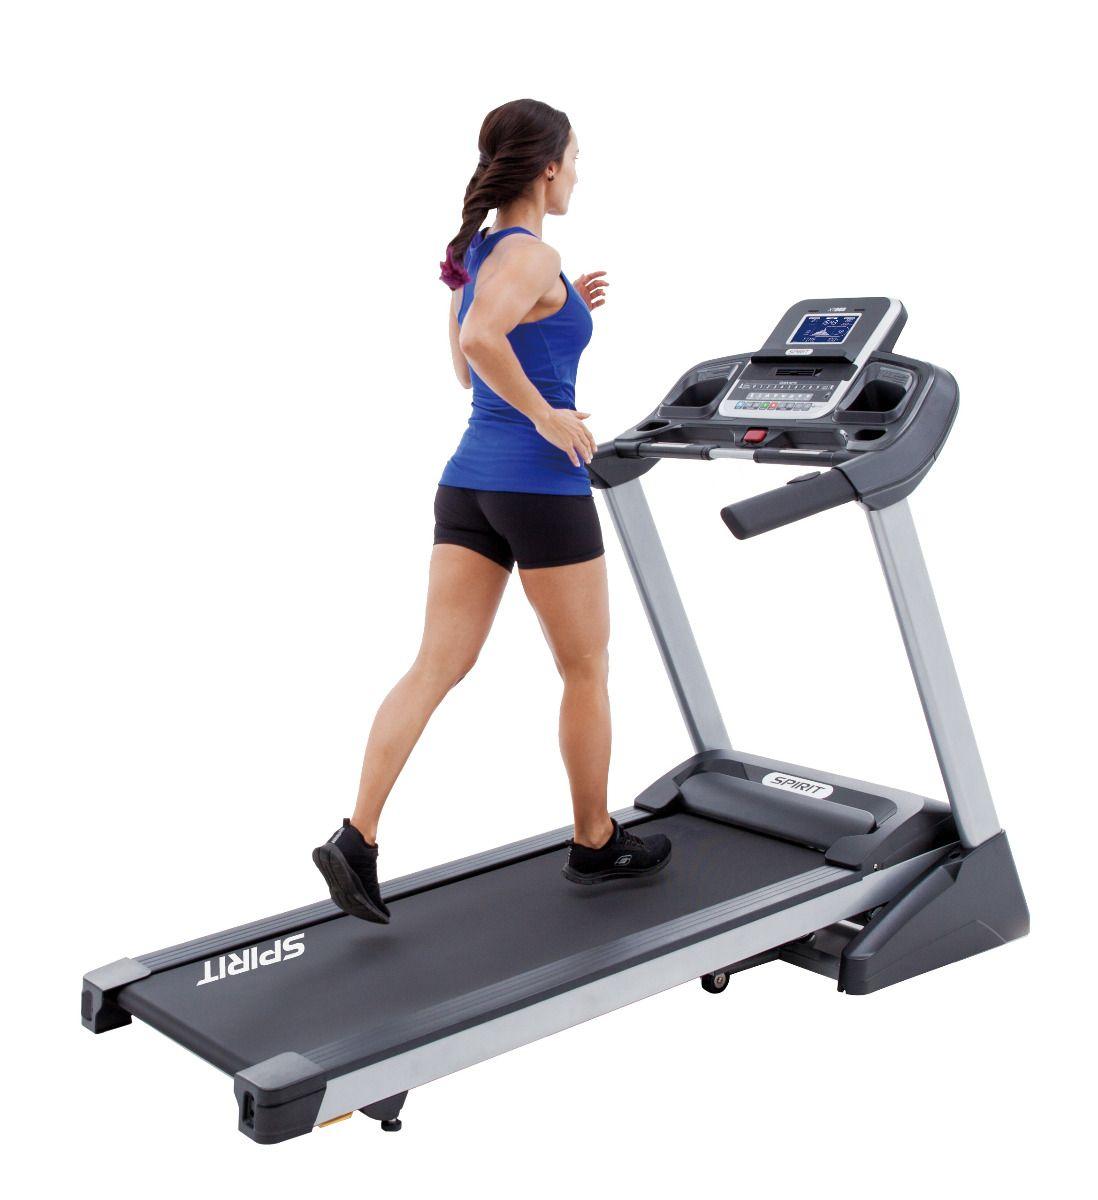 f:id:besttreadmill10:20200313223430j:plain